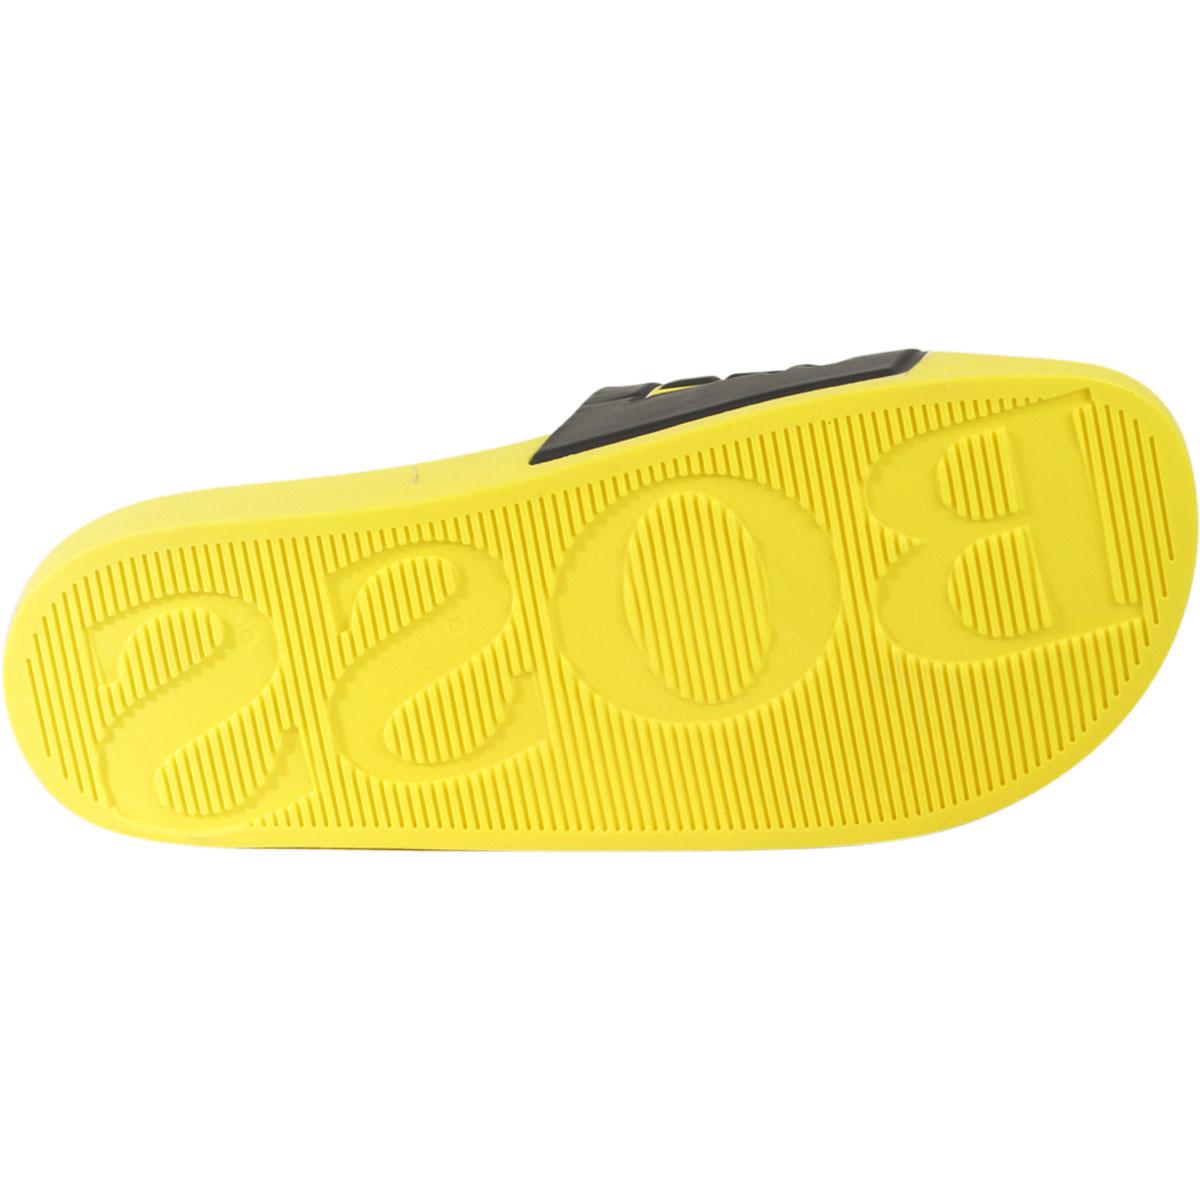 8b99dd032378 Hugo Boss Men s Solar Slides Sandals Shoes